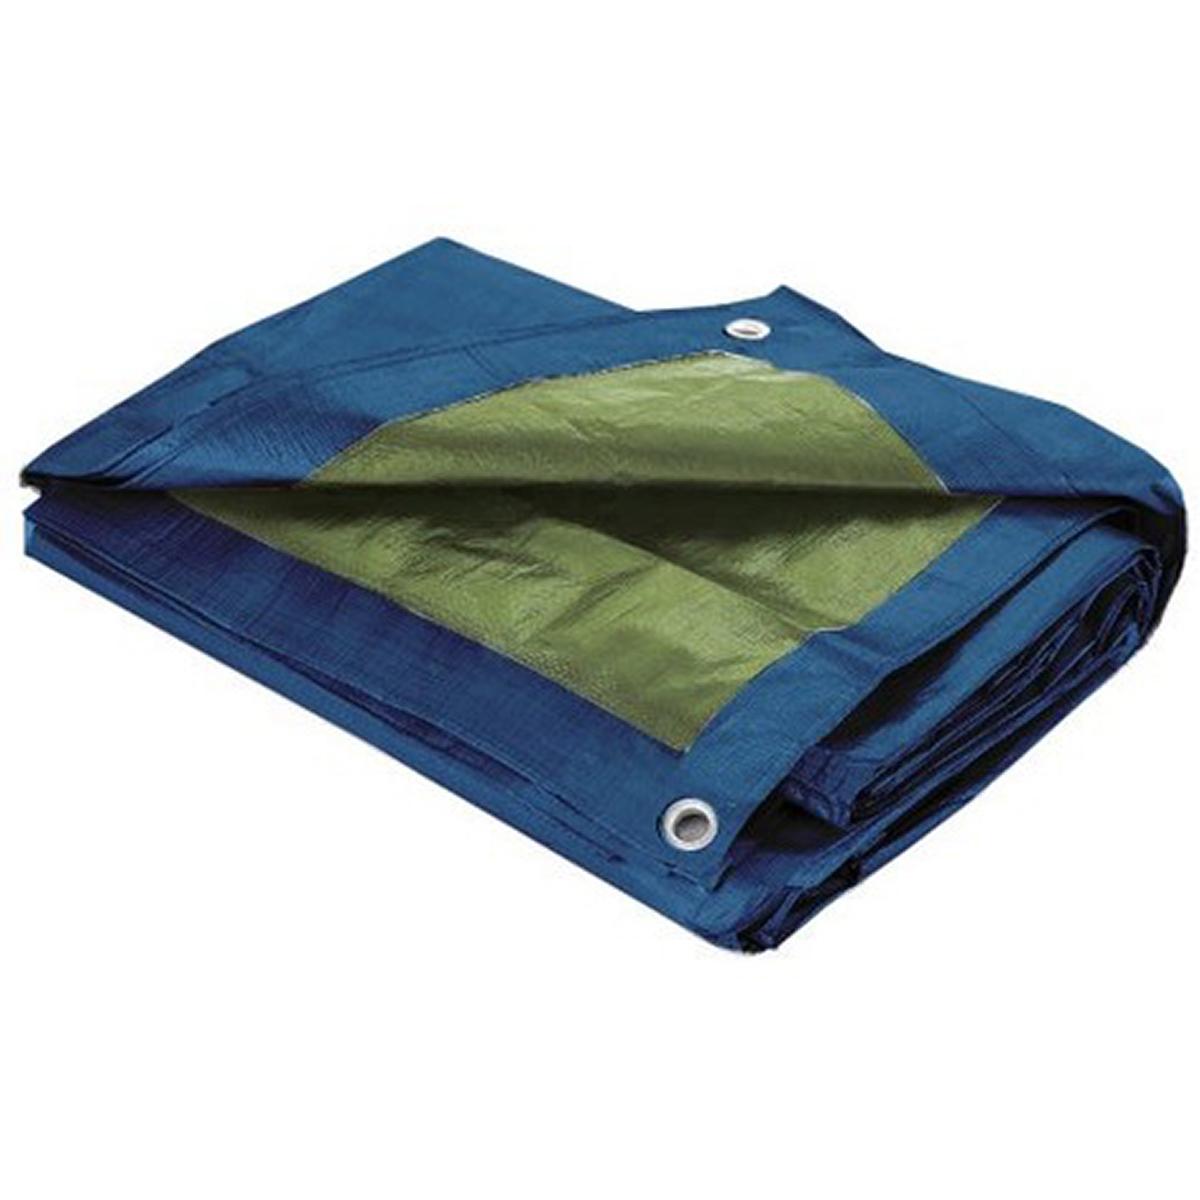 Bâche de Protection étanche avec Oeillets - Bleu - 4 x 5 m